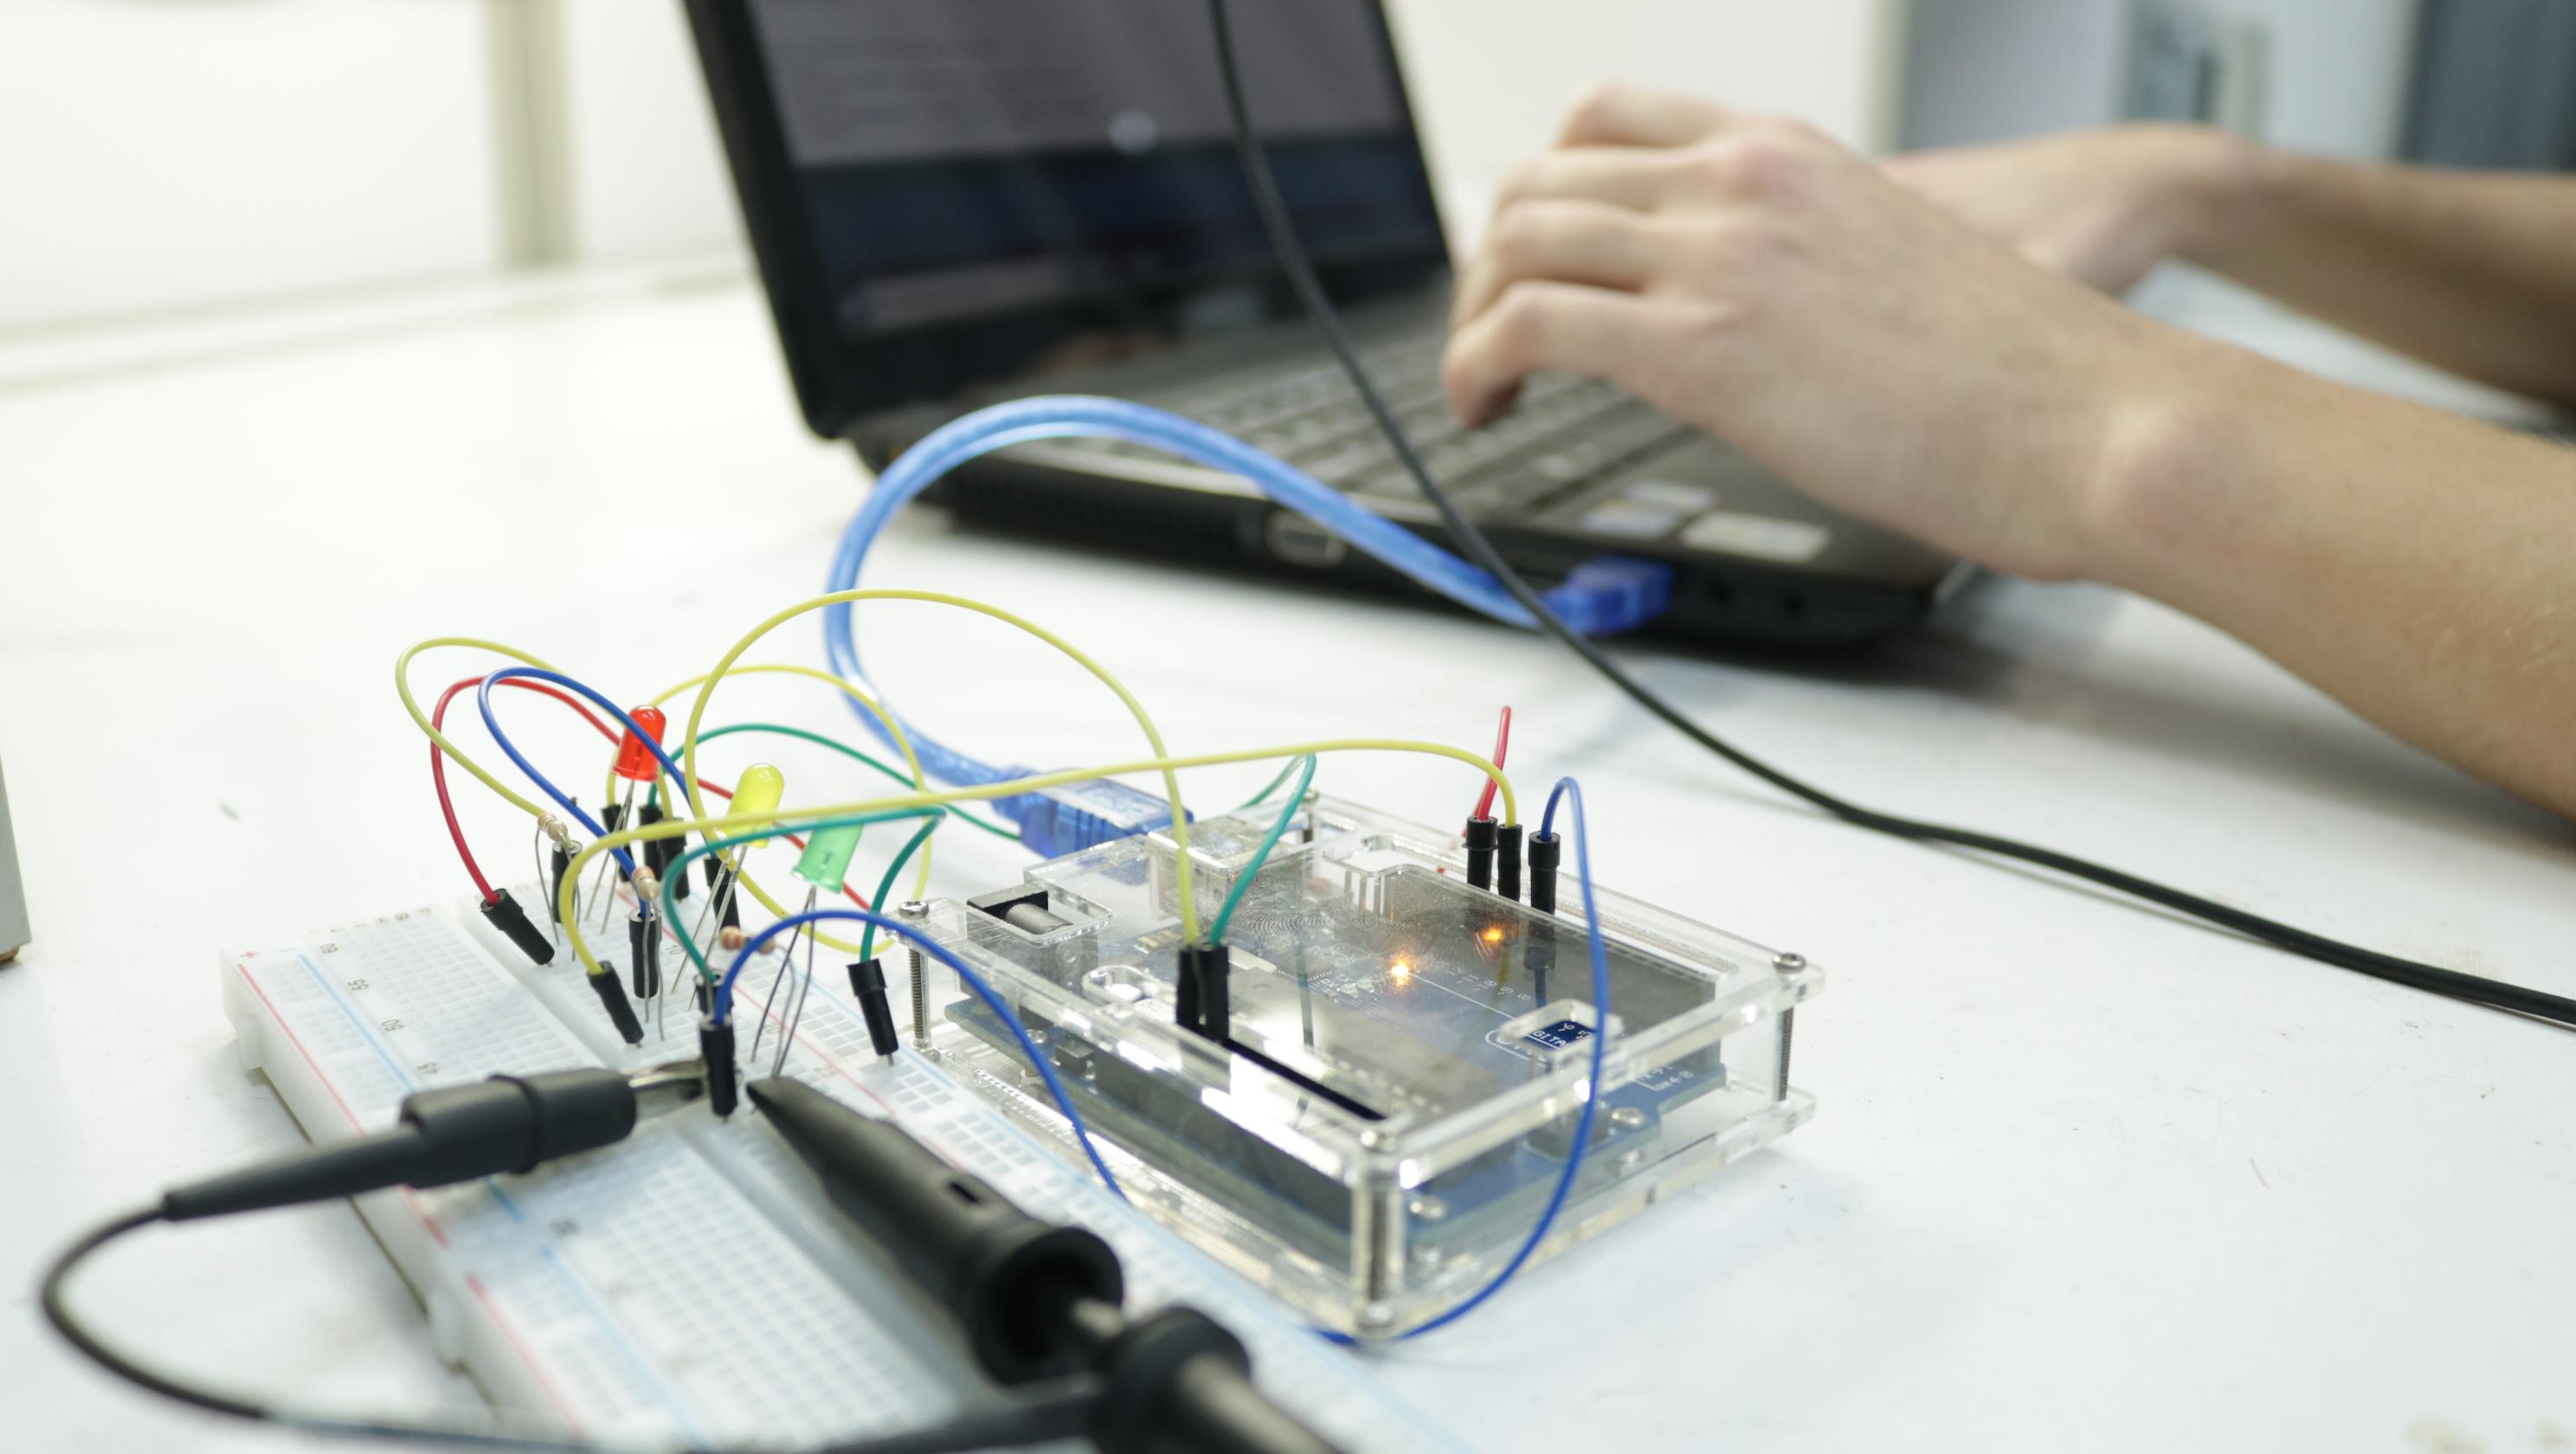 equipamento utilizado pelos alunos do curso de engenharia da computação